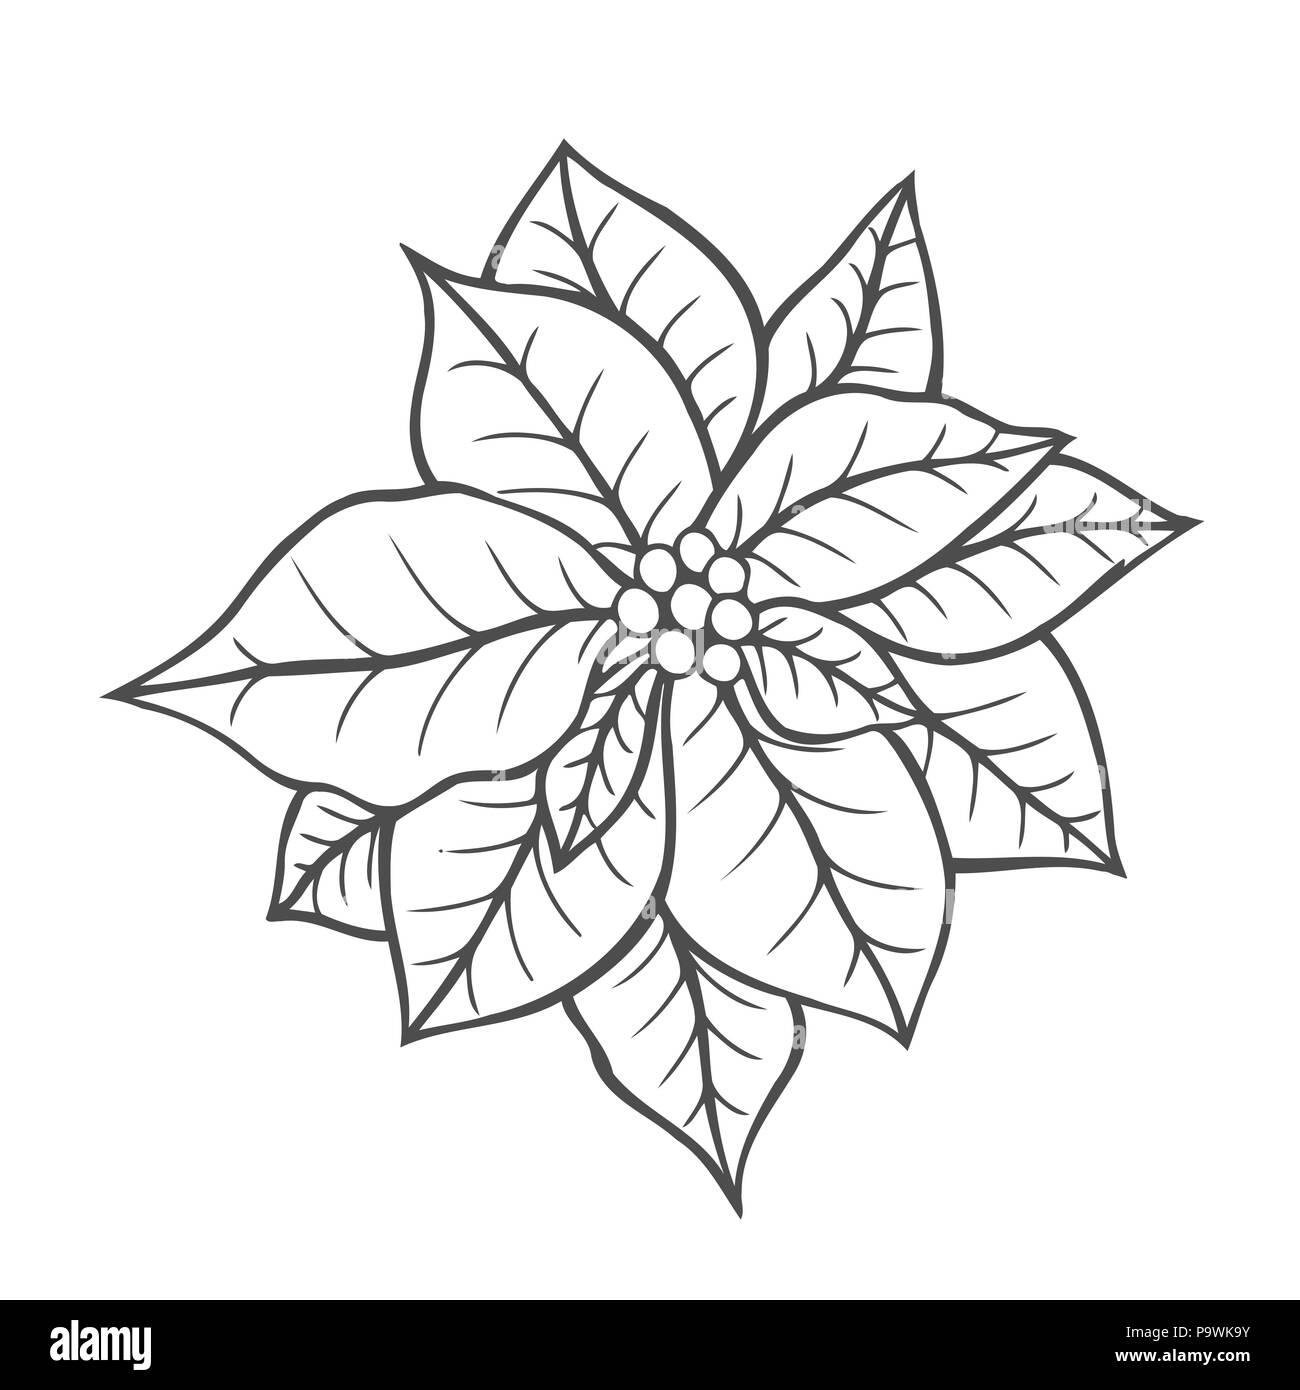 Weißfärbung Stockfotos & Weißfärbung Bilder - Alamy